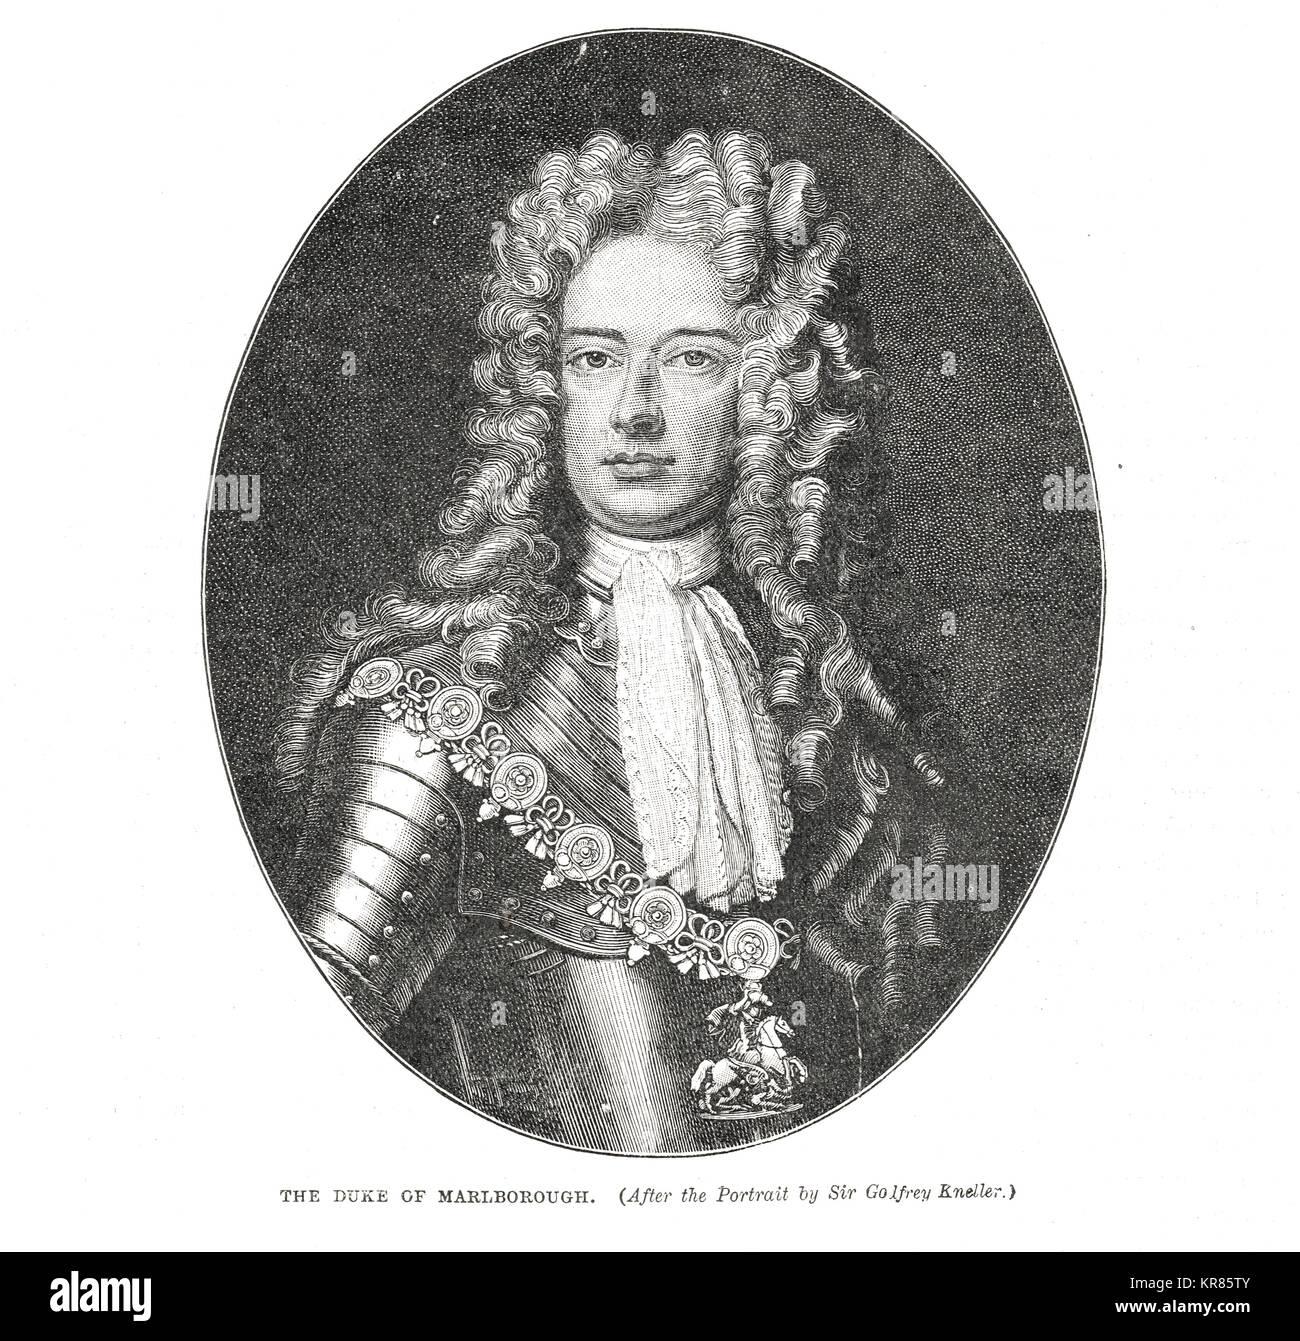 John Churchill, 1st Duke of Marlborough, 1650-1722 - Stock Image